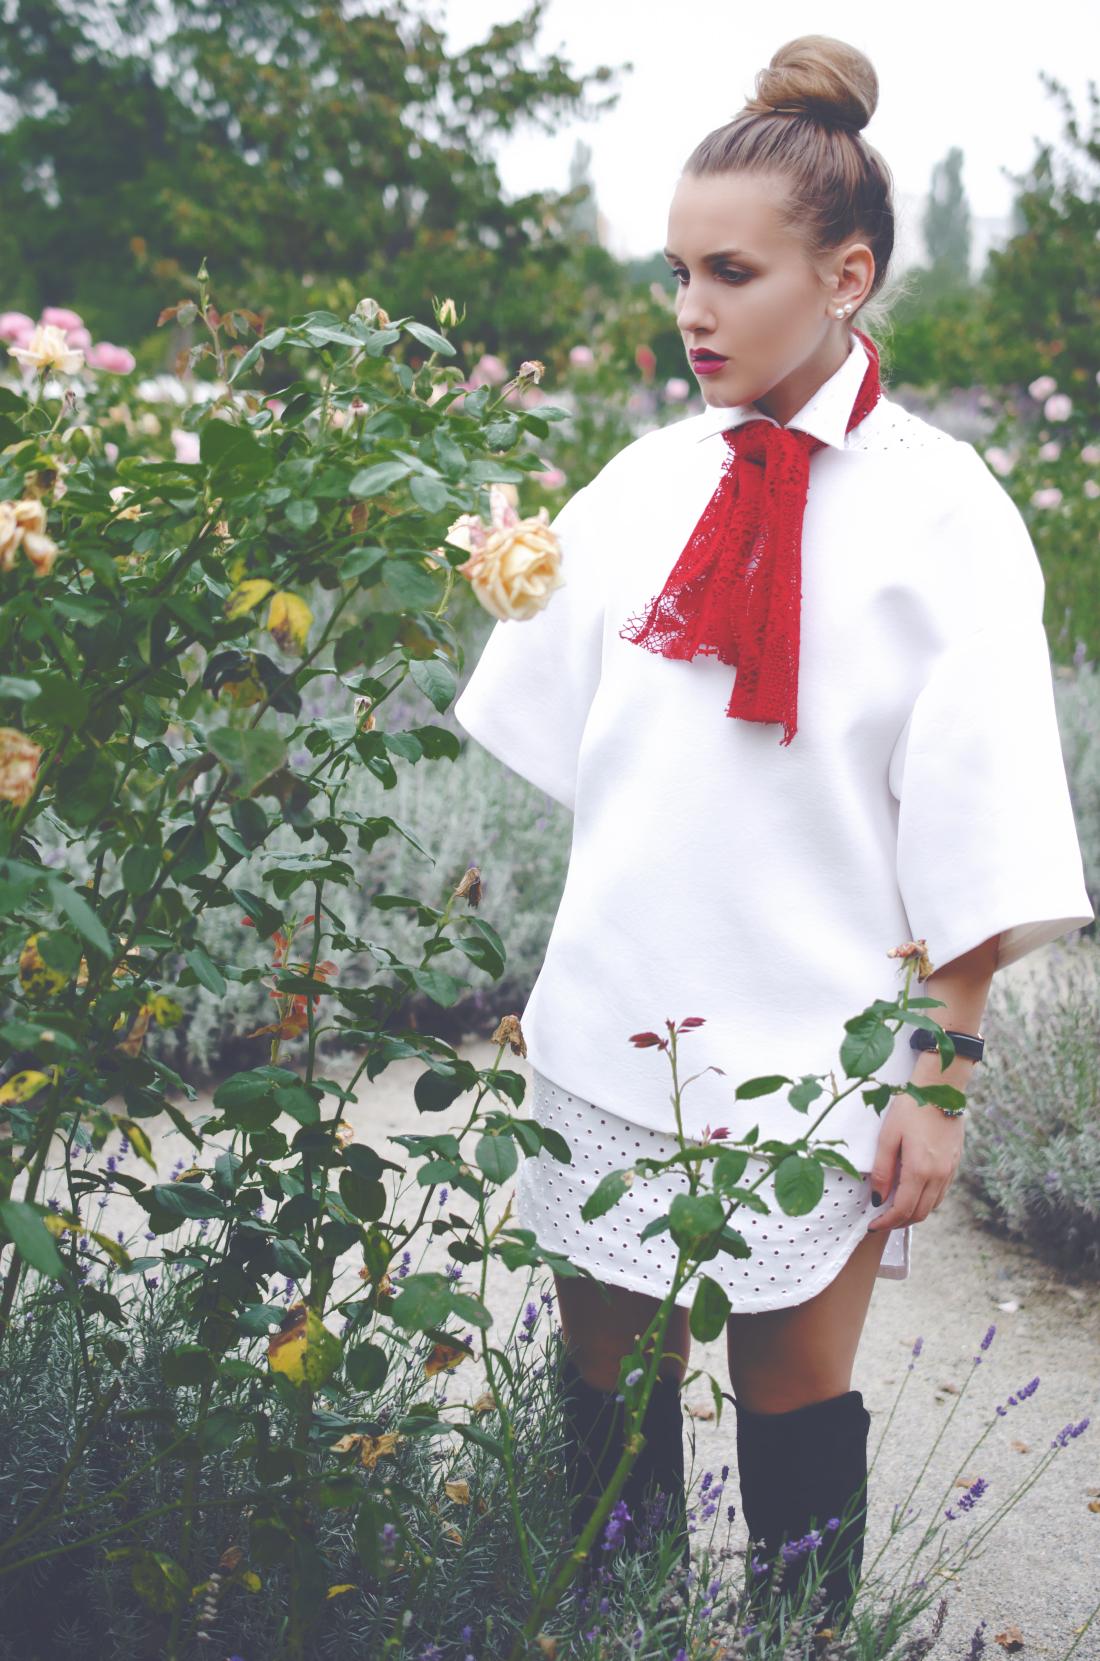 sabinna ss15 collection - fleur de mode - hristina micevska